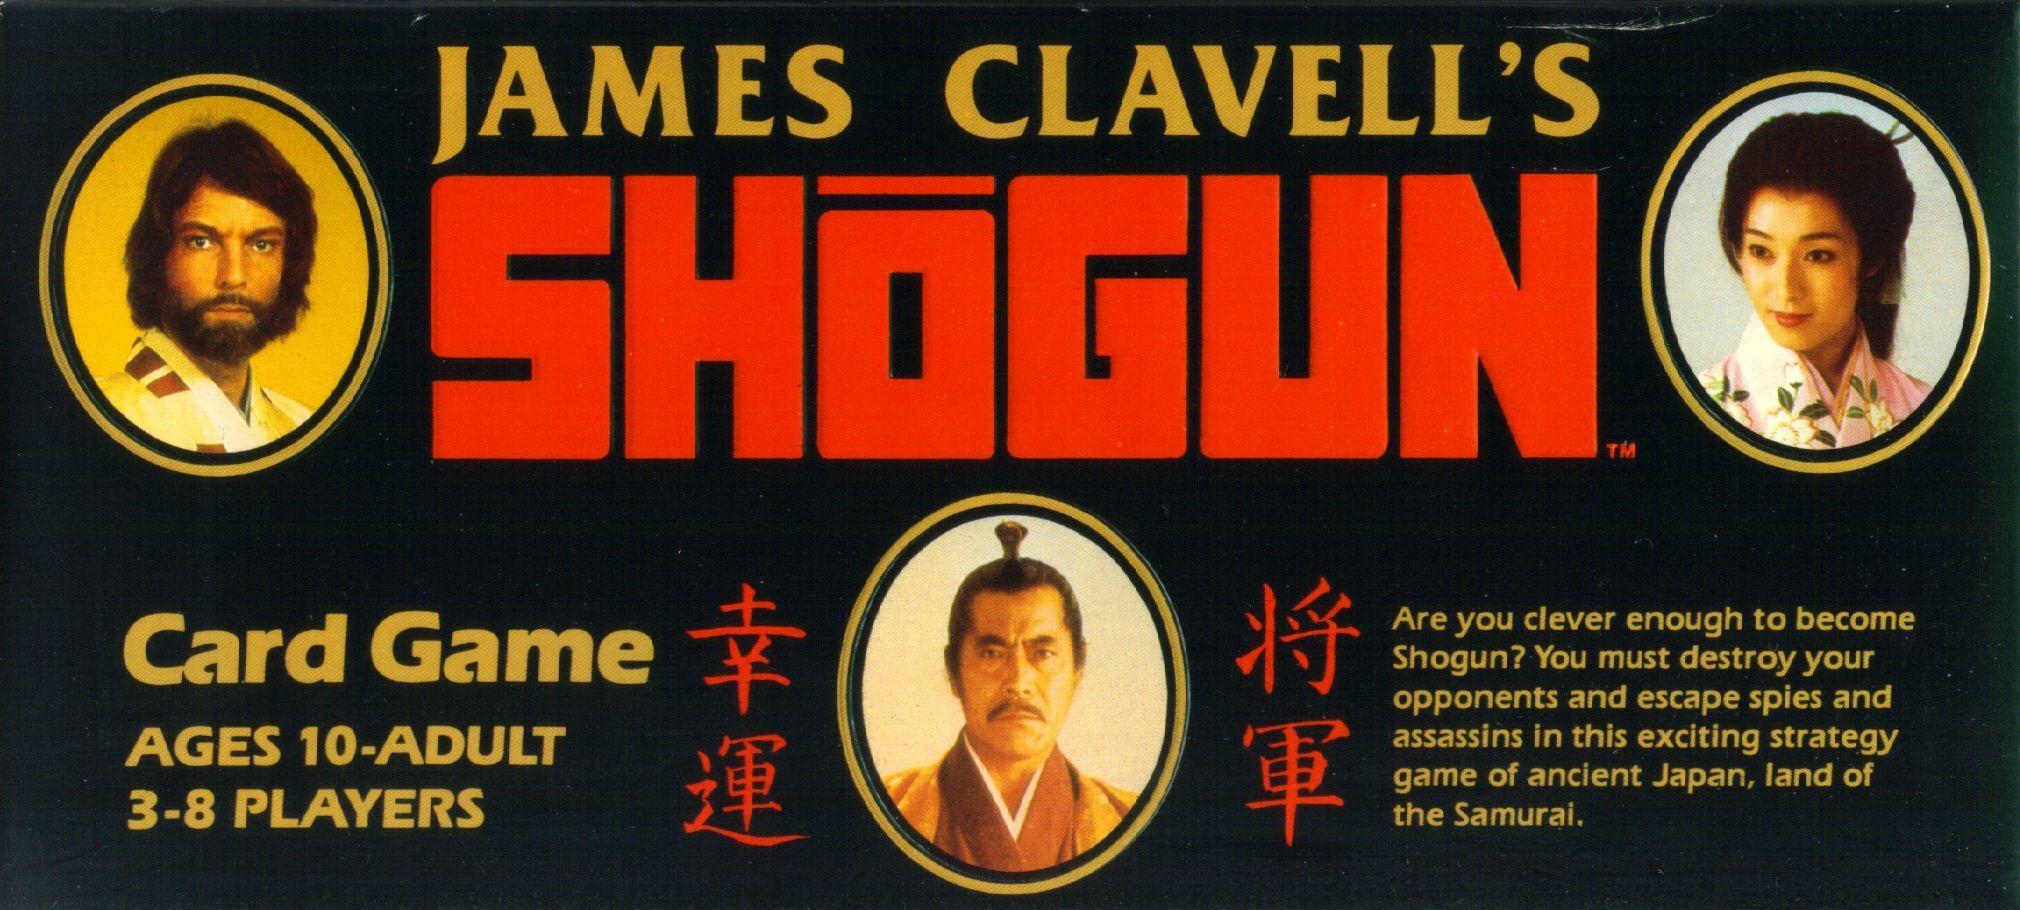 James Clavell's Shogun Card Game